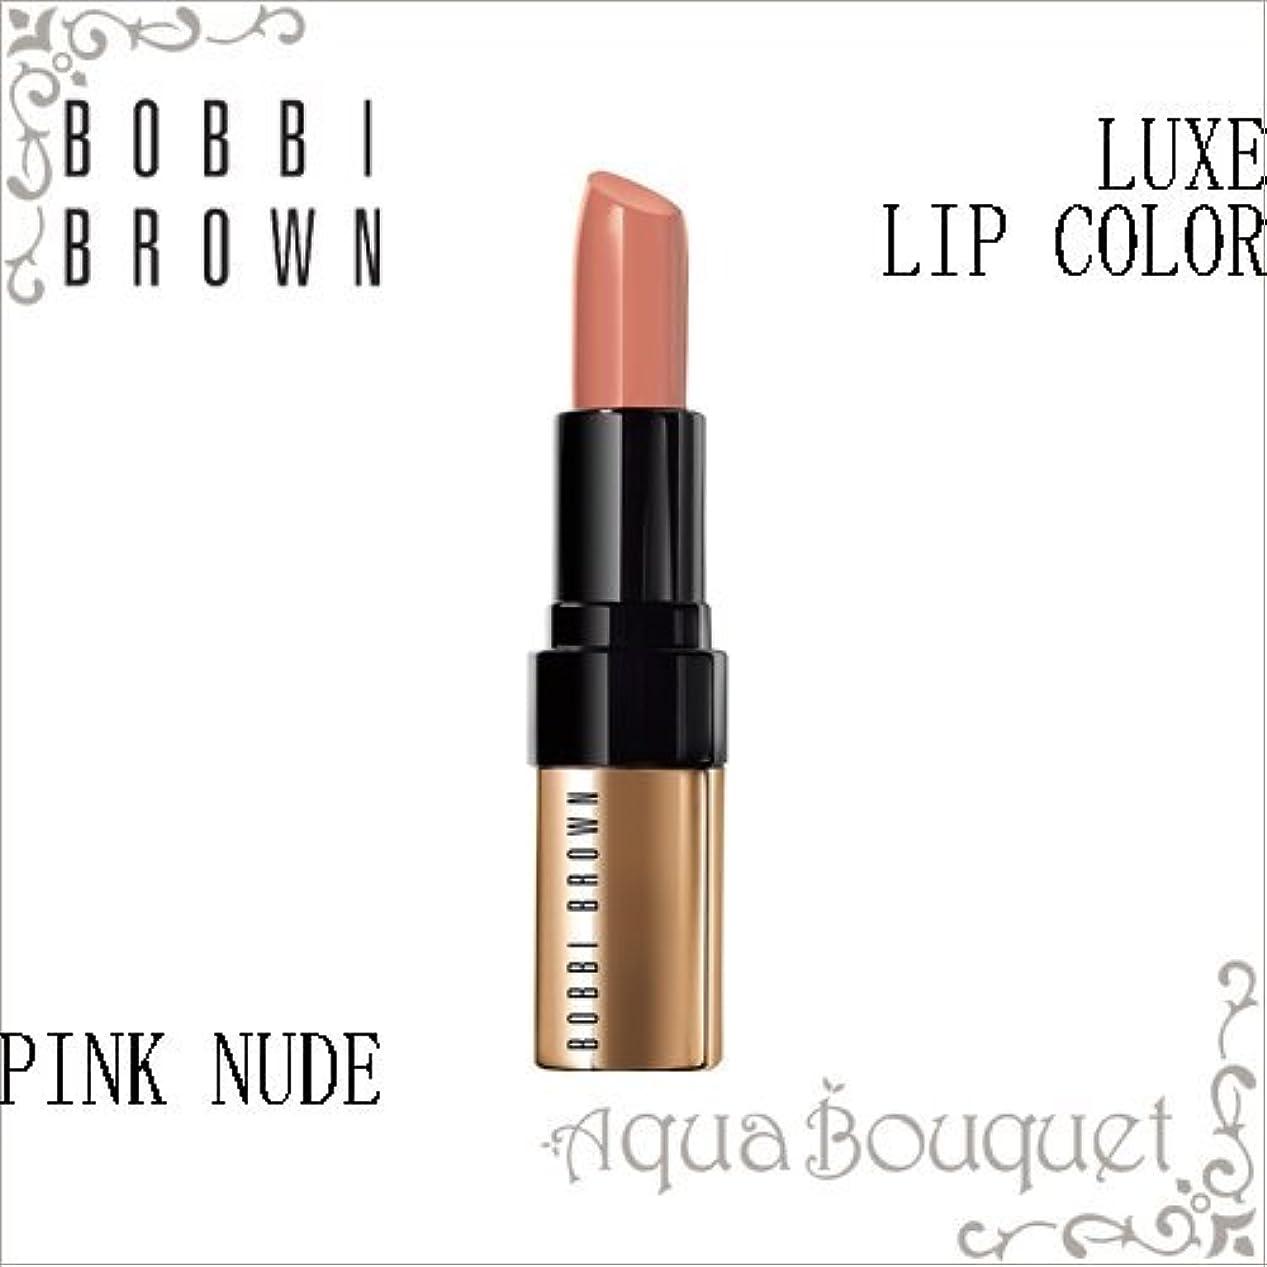 許すクラフトシネウィボビイ ブラウン リュクス リップ カラー 3.8g 01 ピンク ヌード (PINK NUDE) BOBBI BROWN LUXE LIP COLOR [並行輸入品]